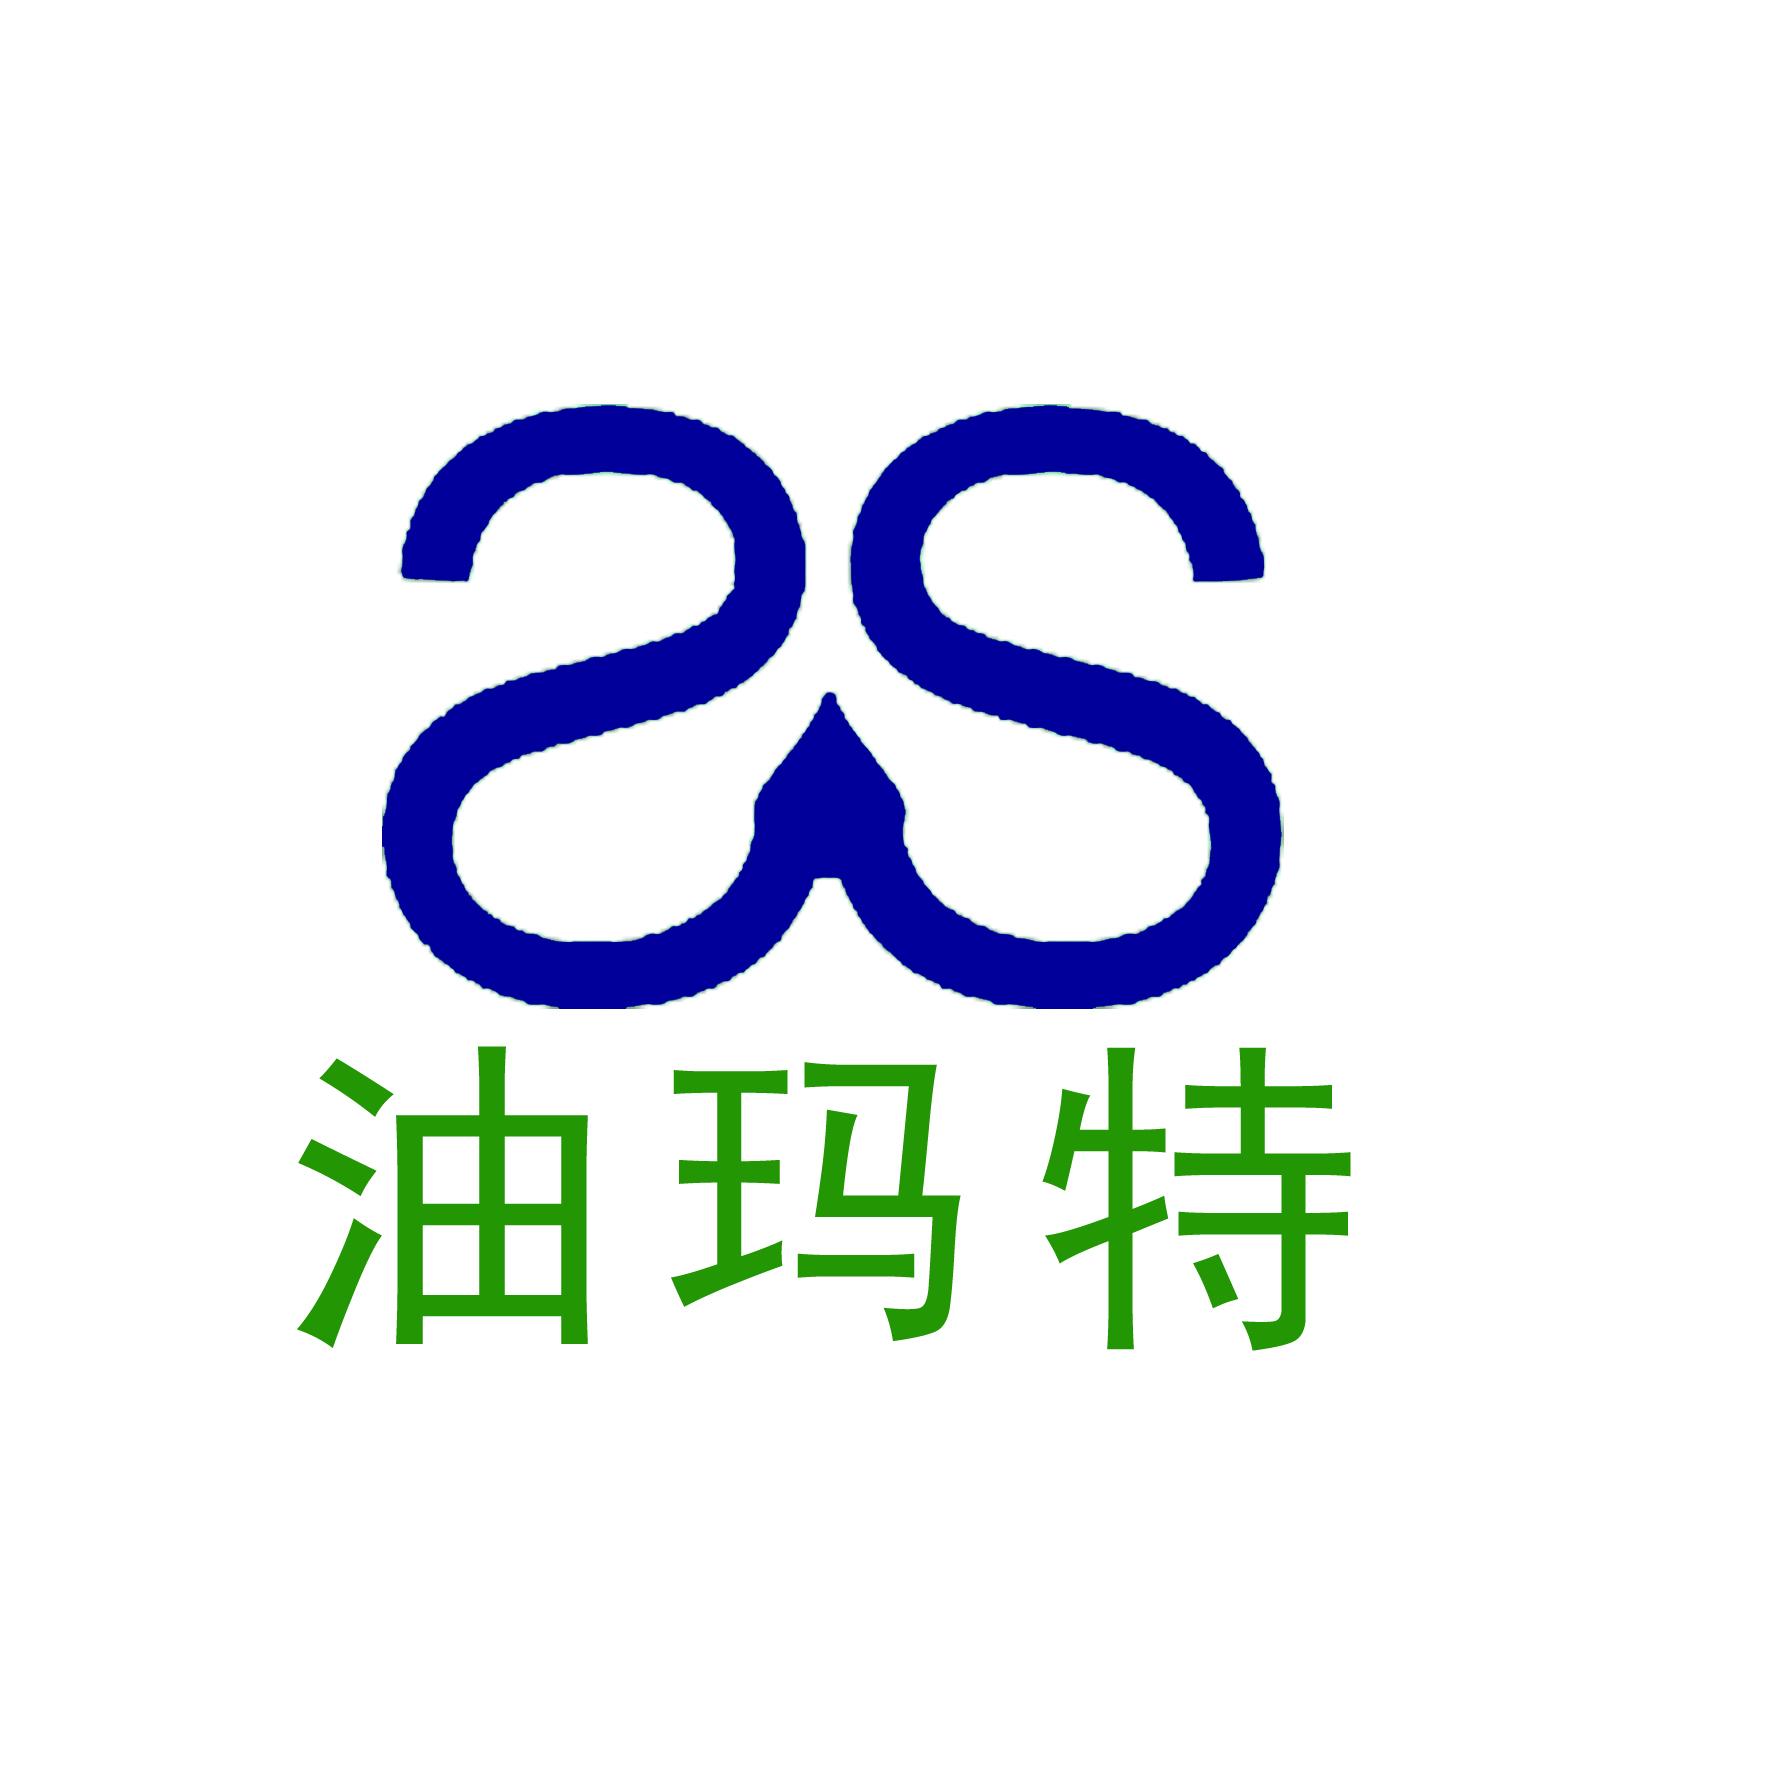 重庆市佐成油业有限公司_联英人才网_hrm.cn